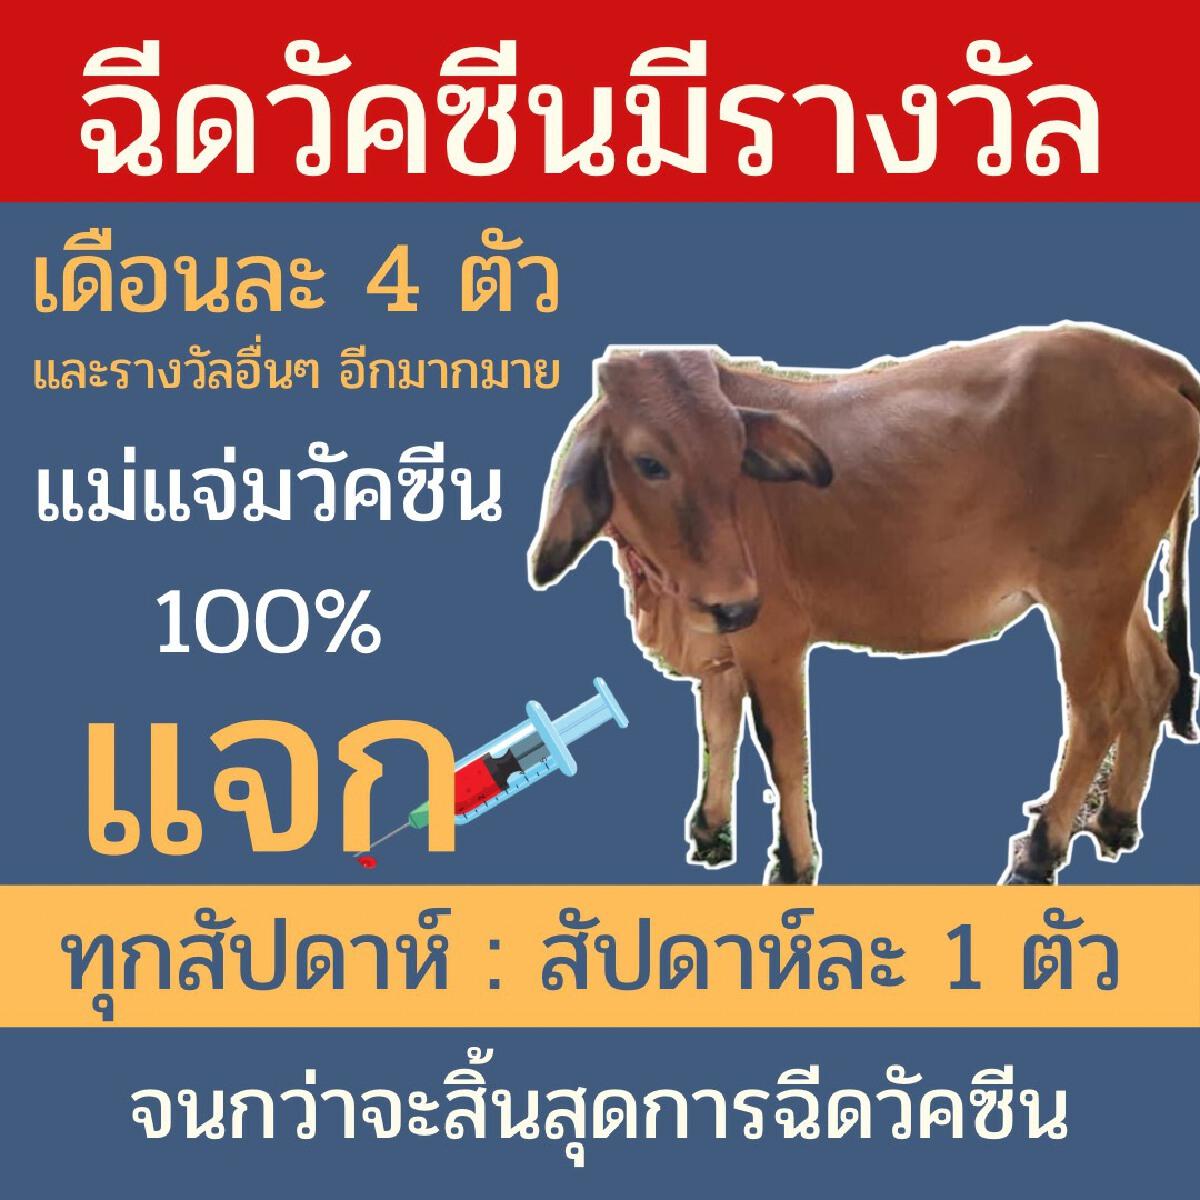 ฉีดวัคซีนแจกลูกวัว